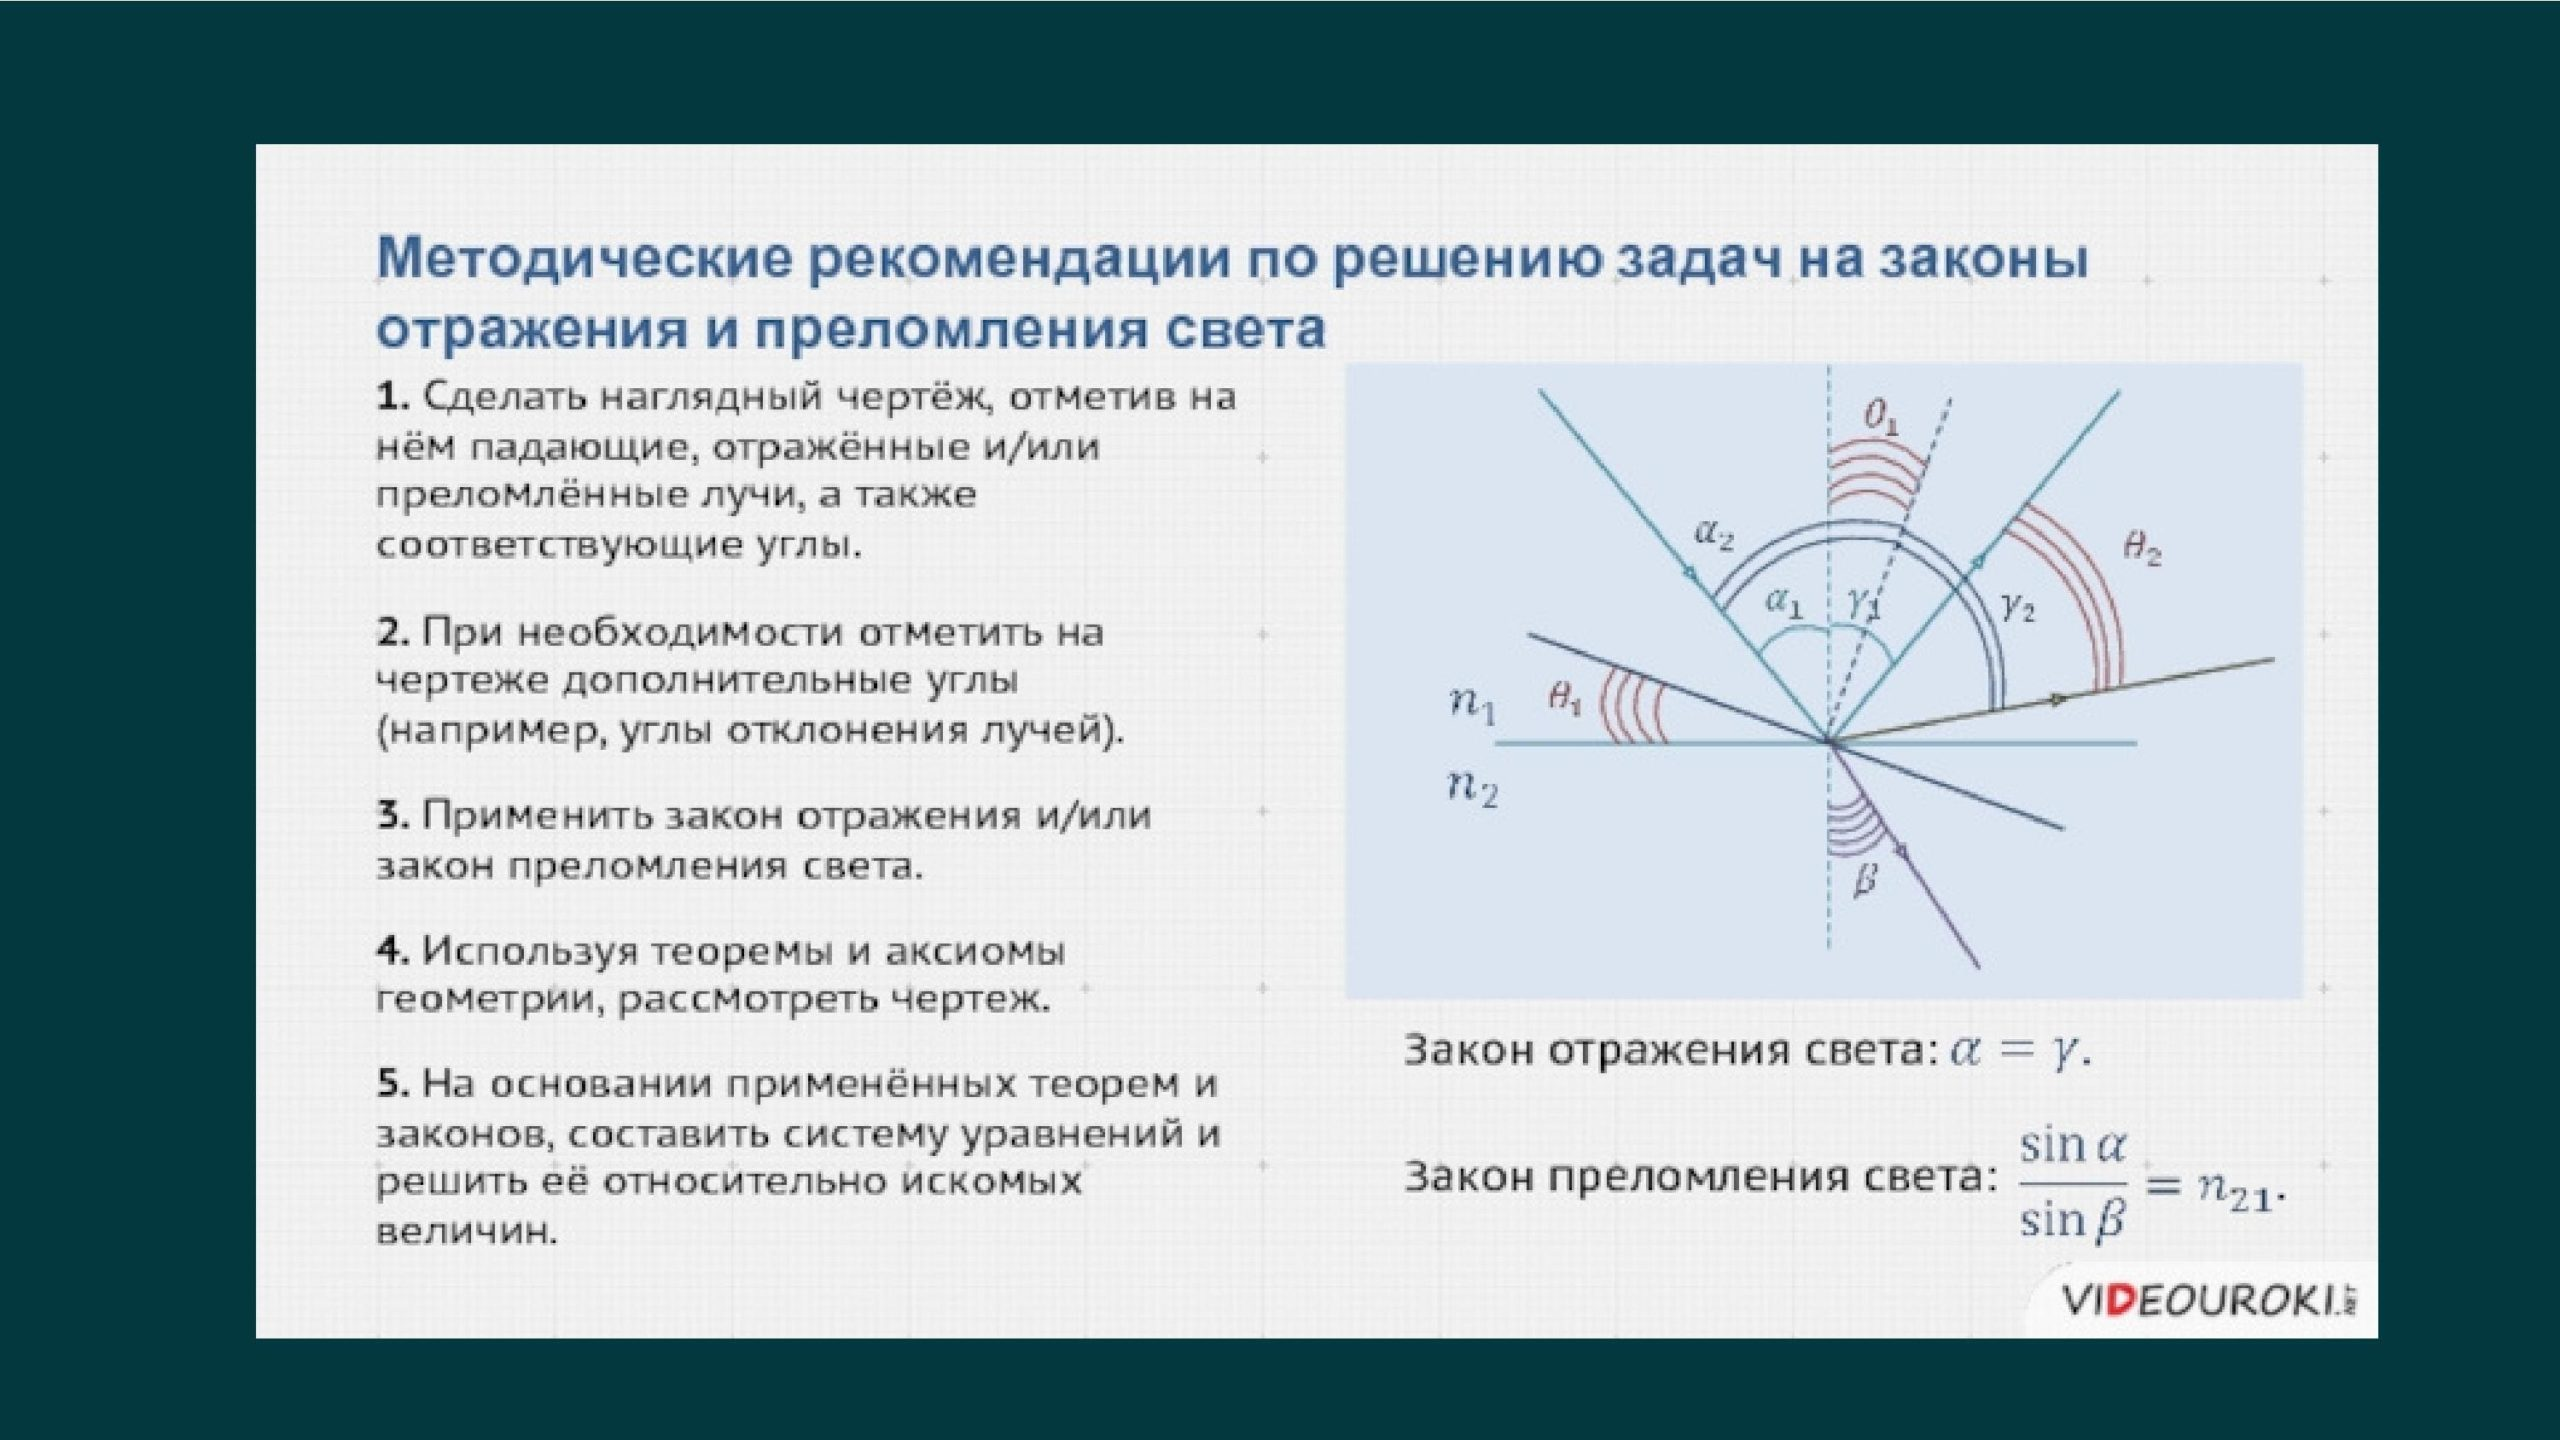 Методические рекомендации по решению задач на законы отражения и преломления света